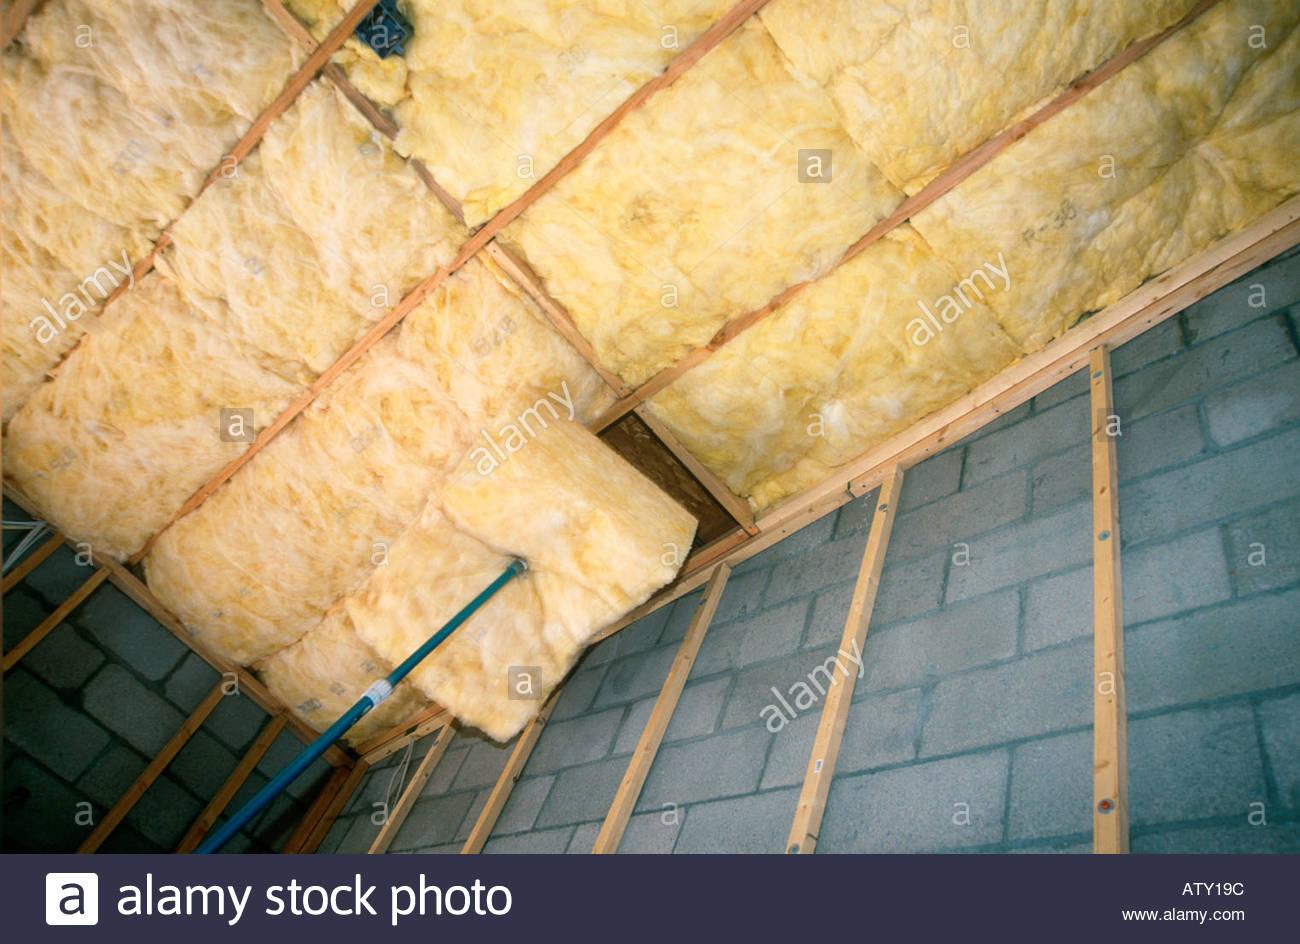 R30 R15 und R38 Isolierung im neuen Loft-Stil Haus im Bau Tucson Arizona installiert Stockbild